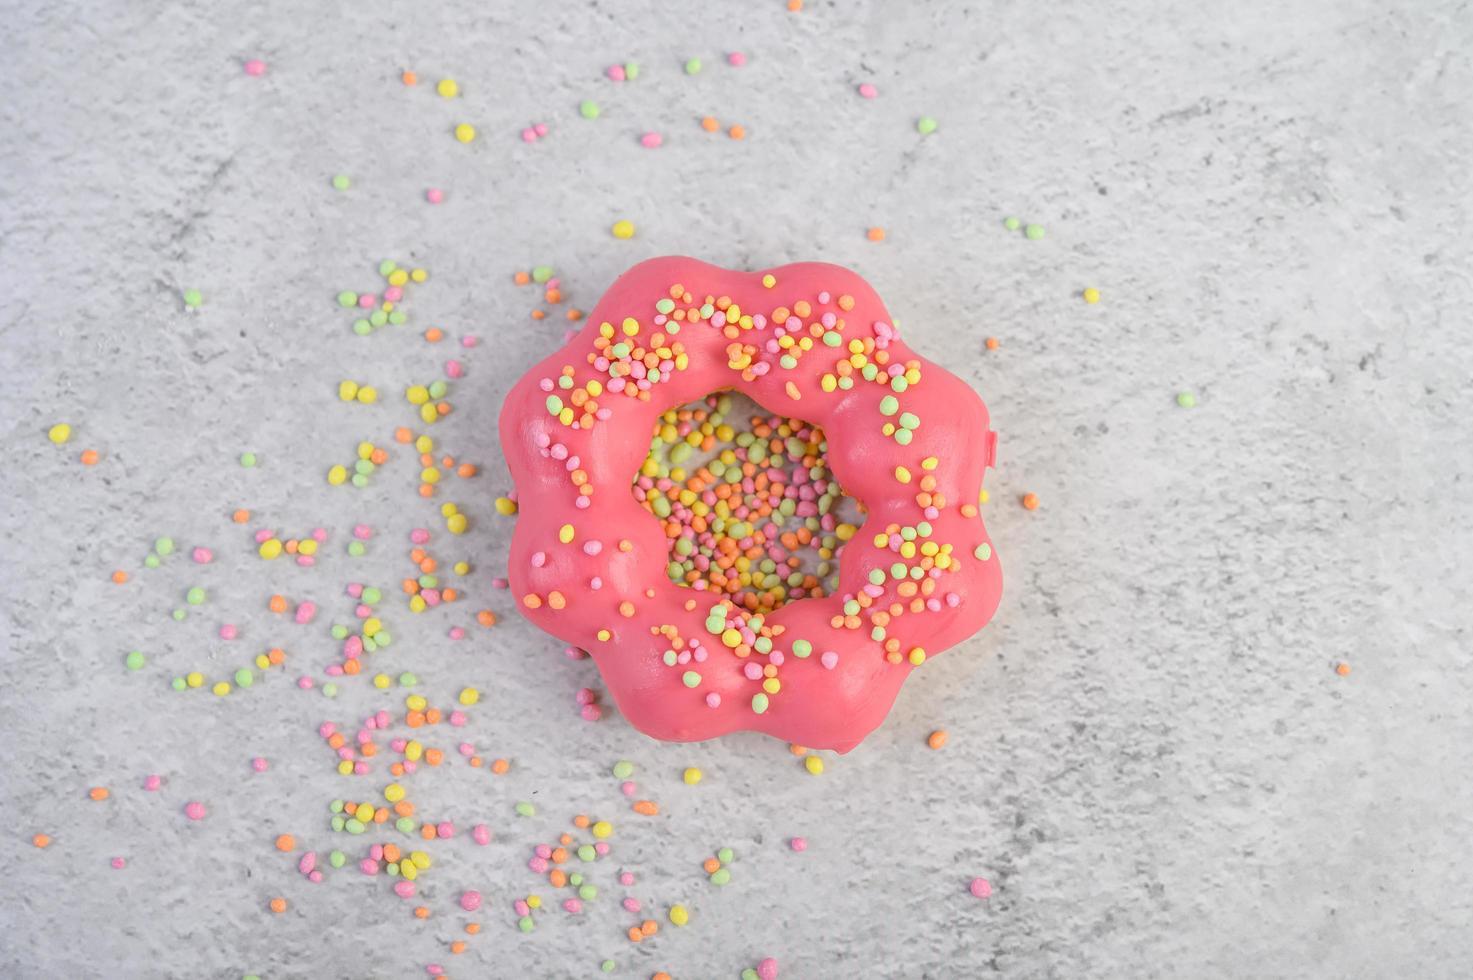 rosquilla de fresa decorada con glaseado y chispas foto